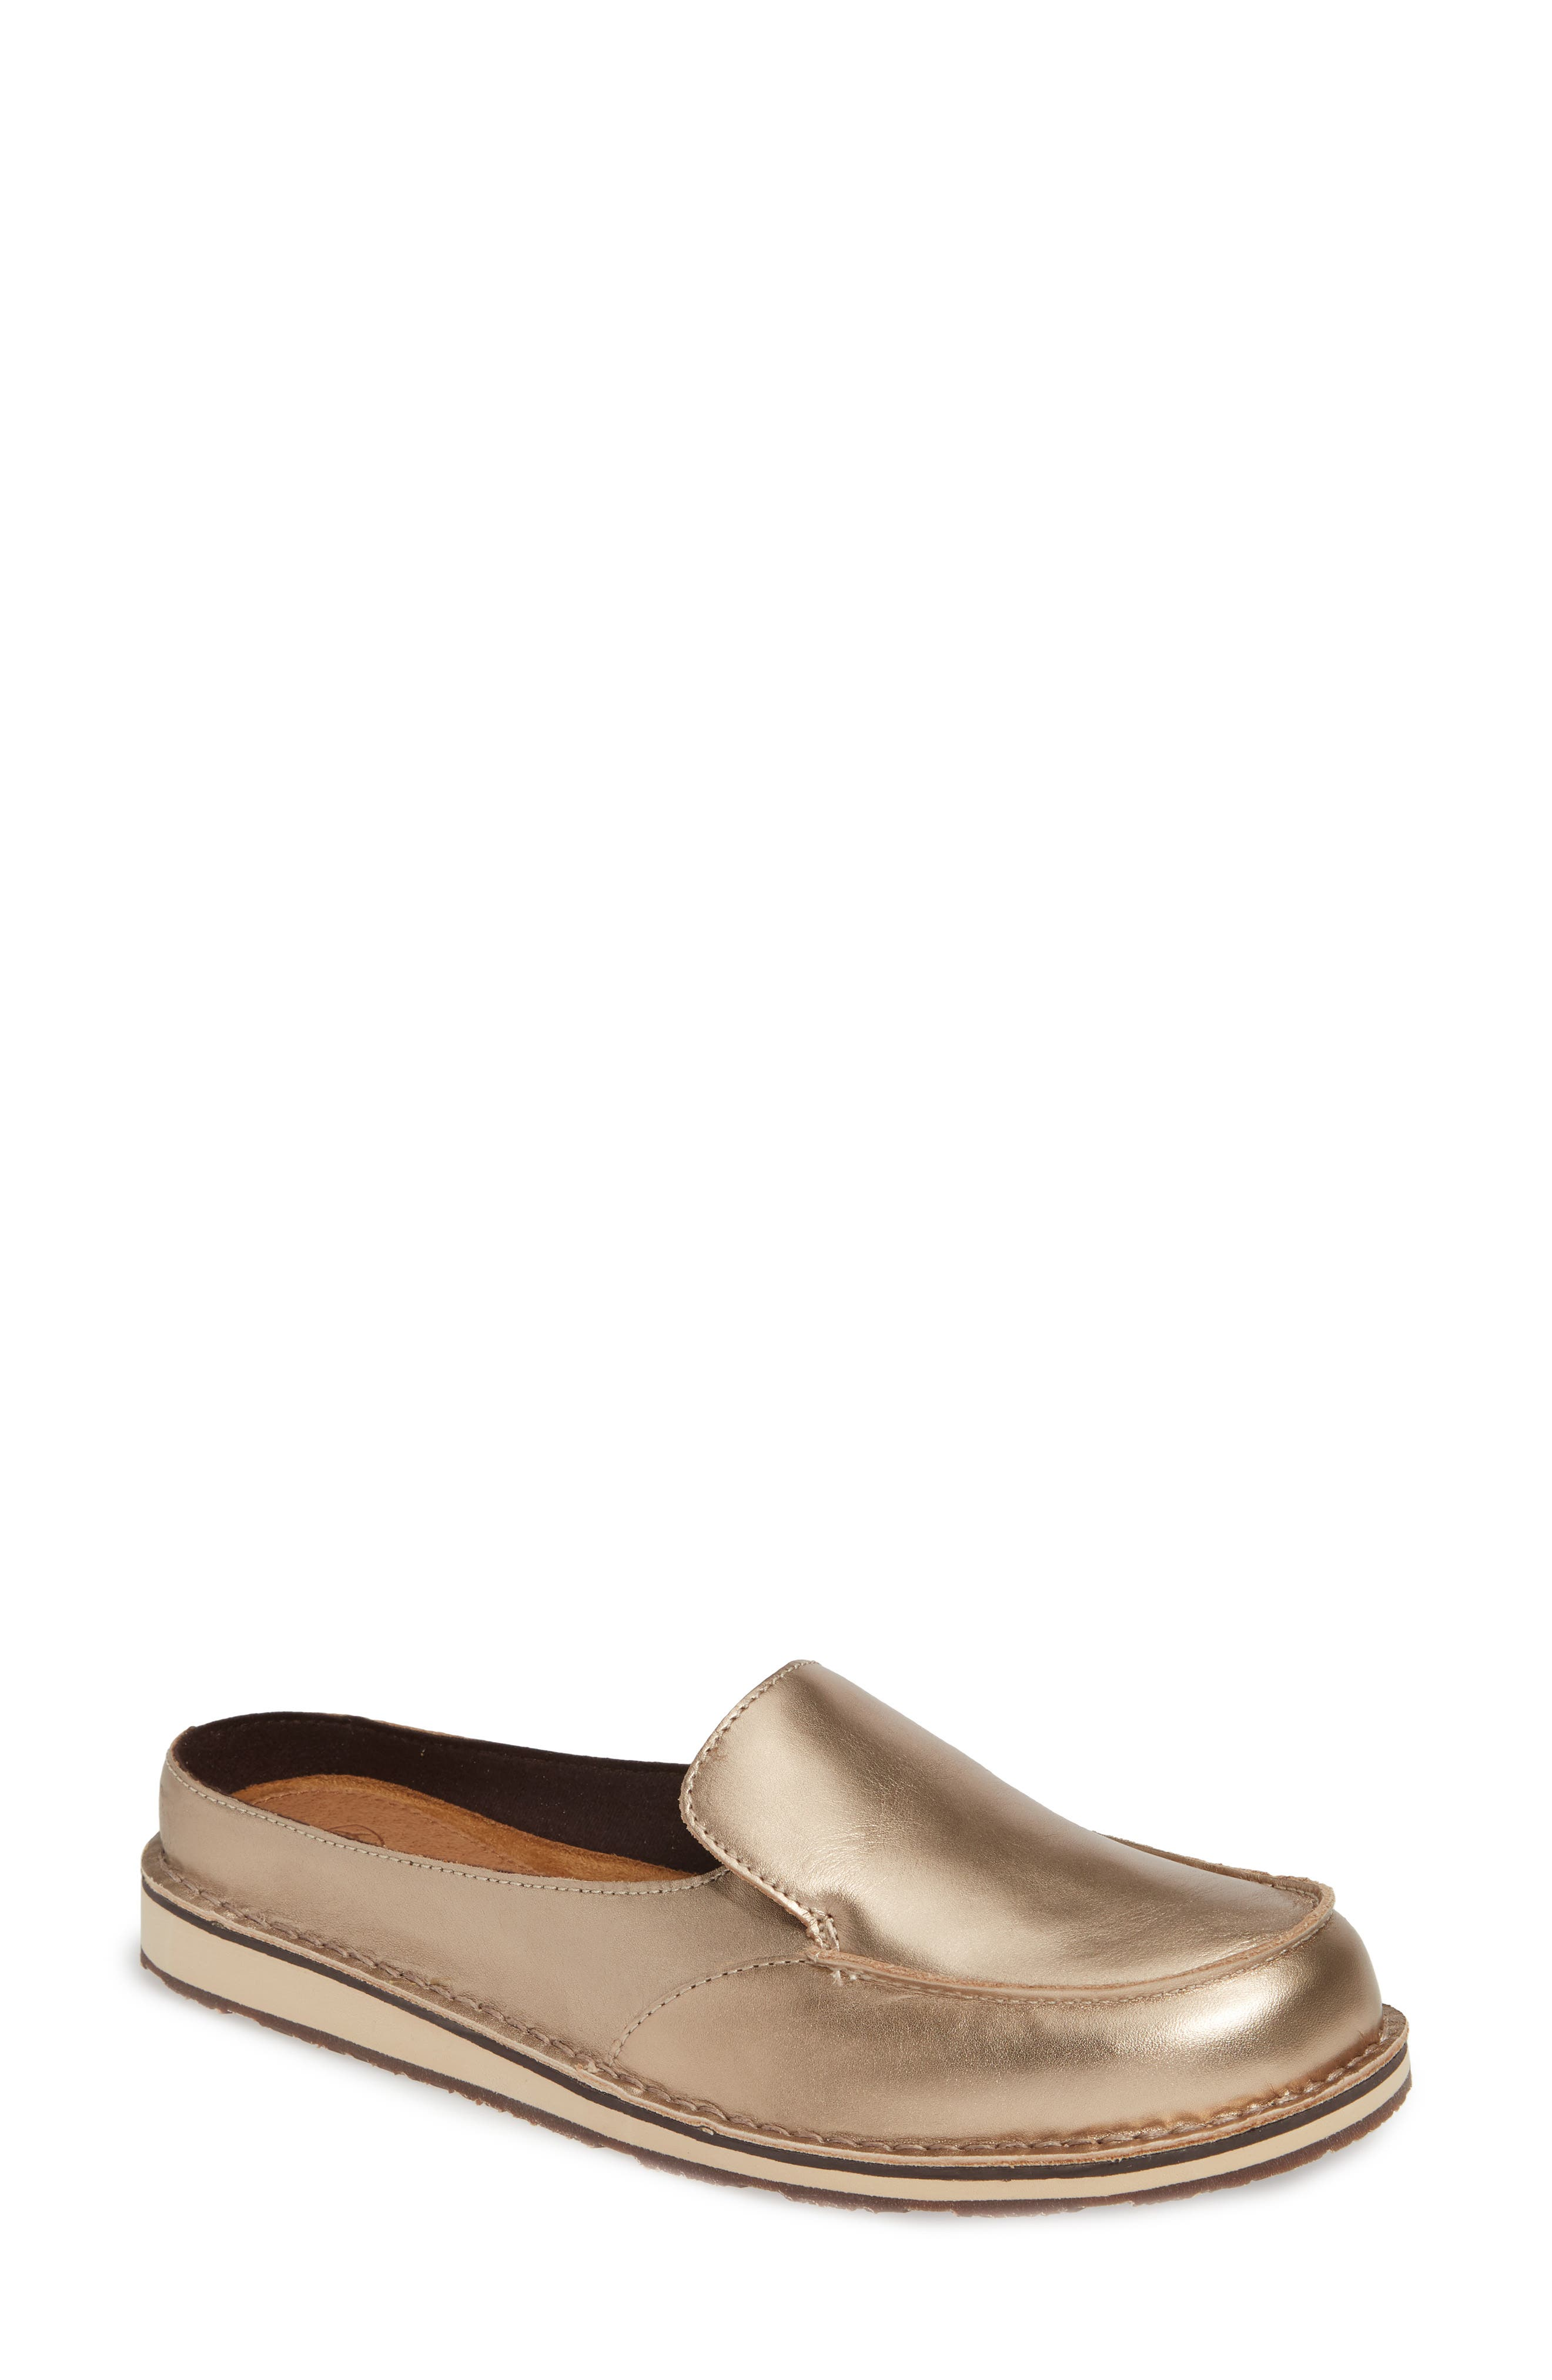 Ariat Cruiser Loafer Mule, Metallic